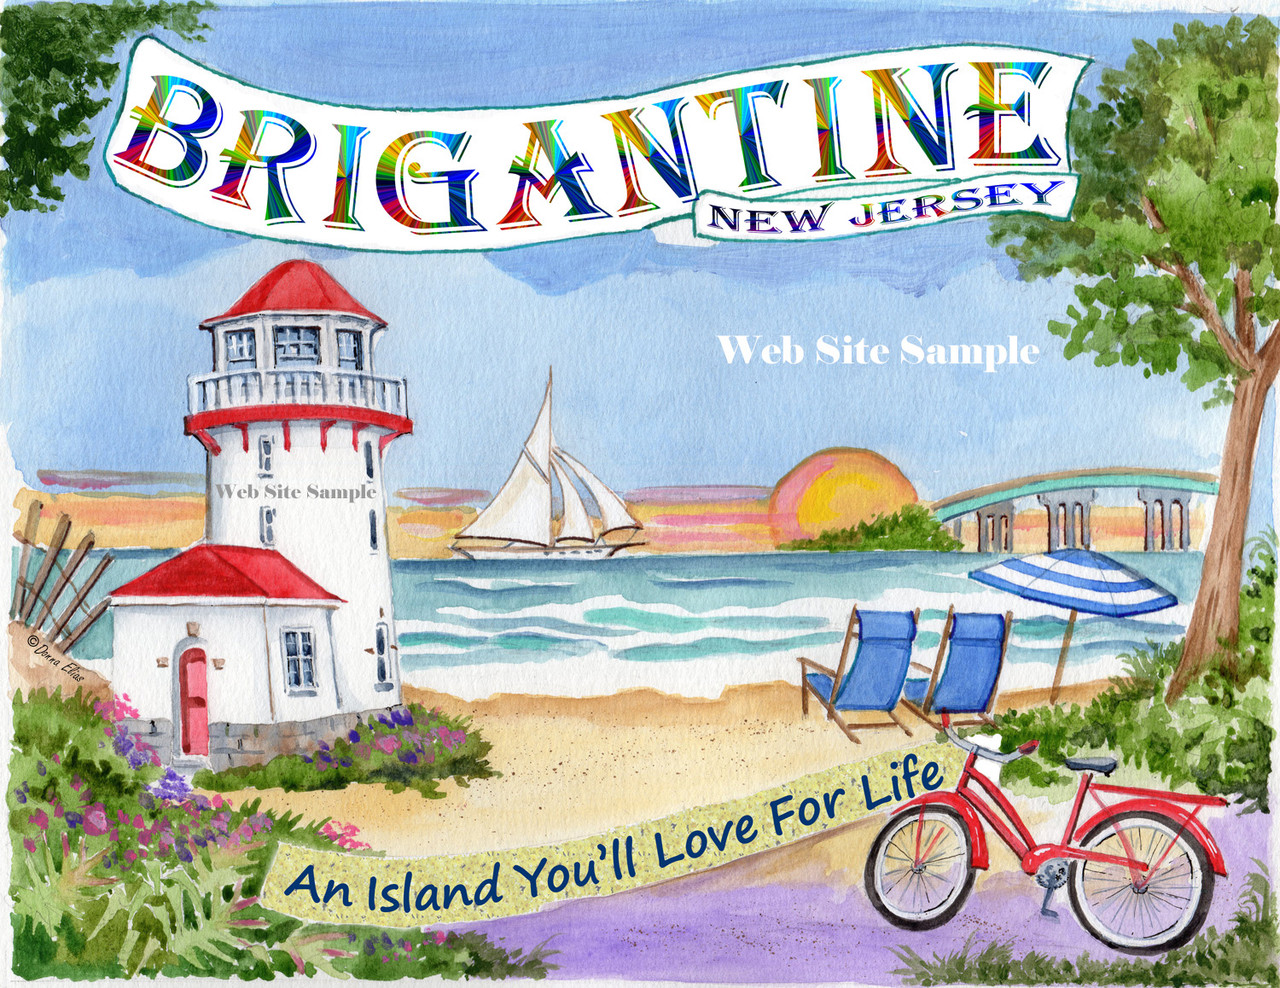 Brigantine Beach, New Jersey copyright Donna Elias